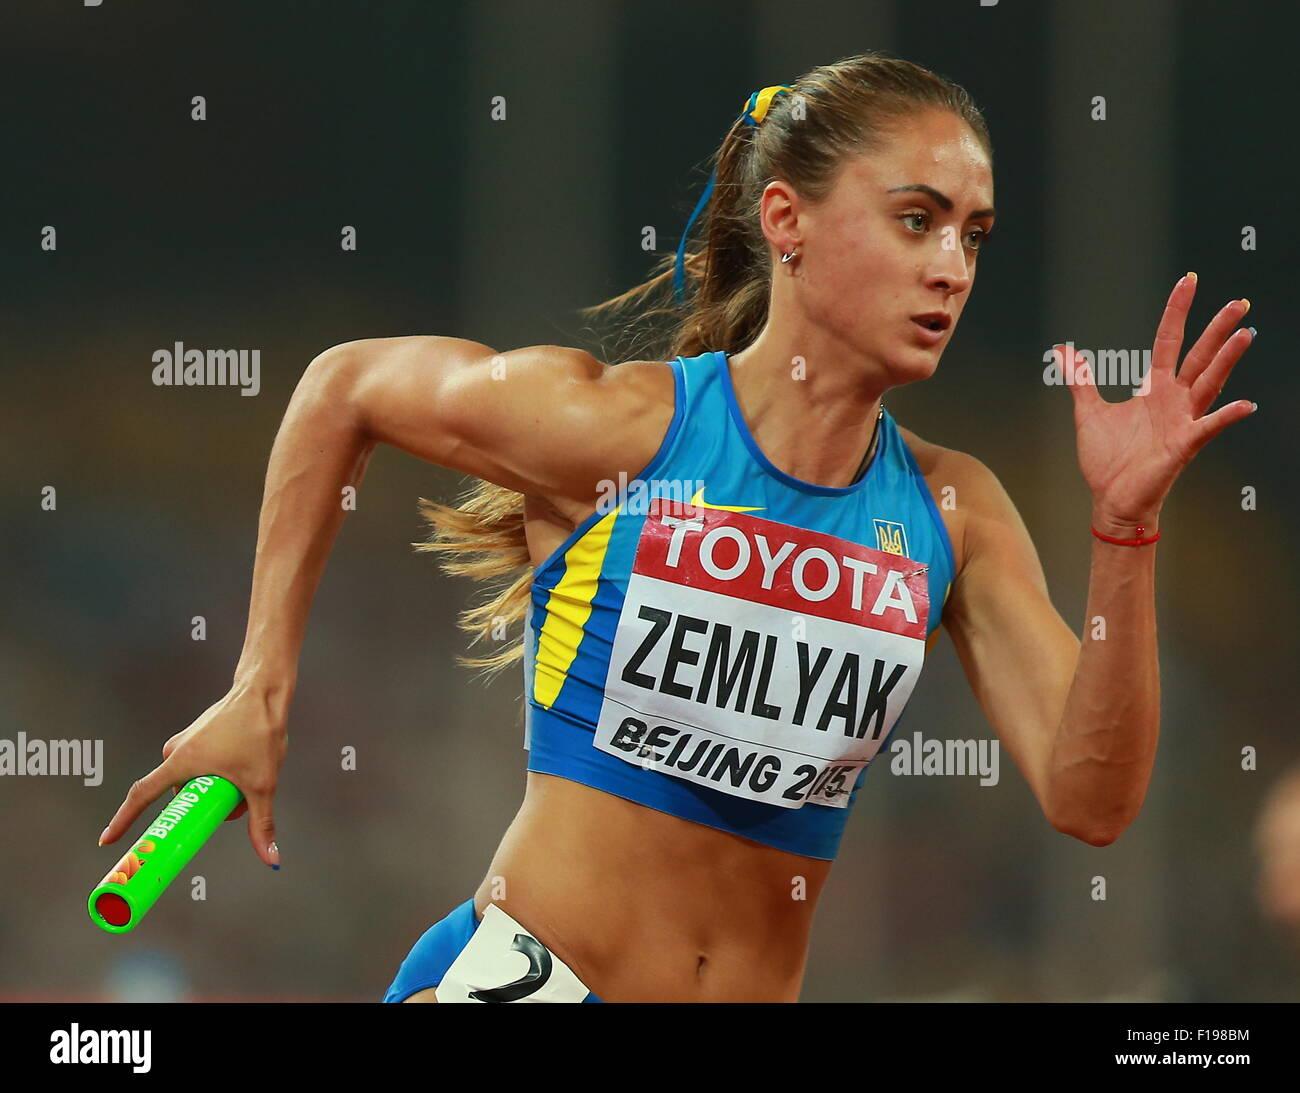 Pechino, Cina. Agosto 30, 2015. Per l'Ucraina Olha Zemlyak compete in campo femminile 4x400m relè sul finale Immagini Stock